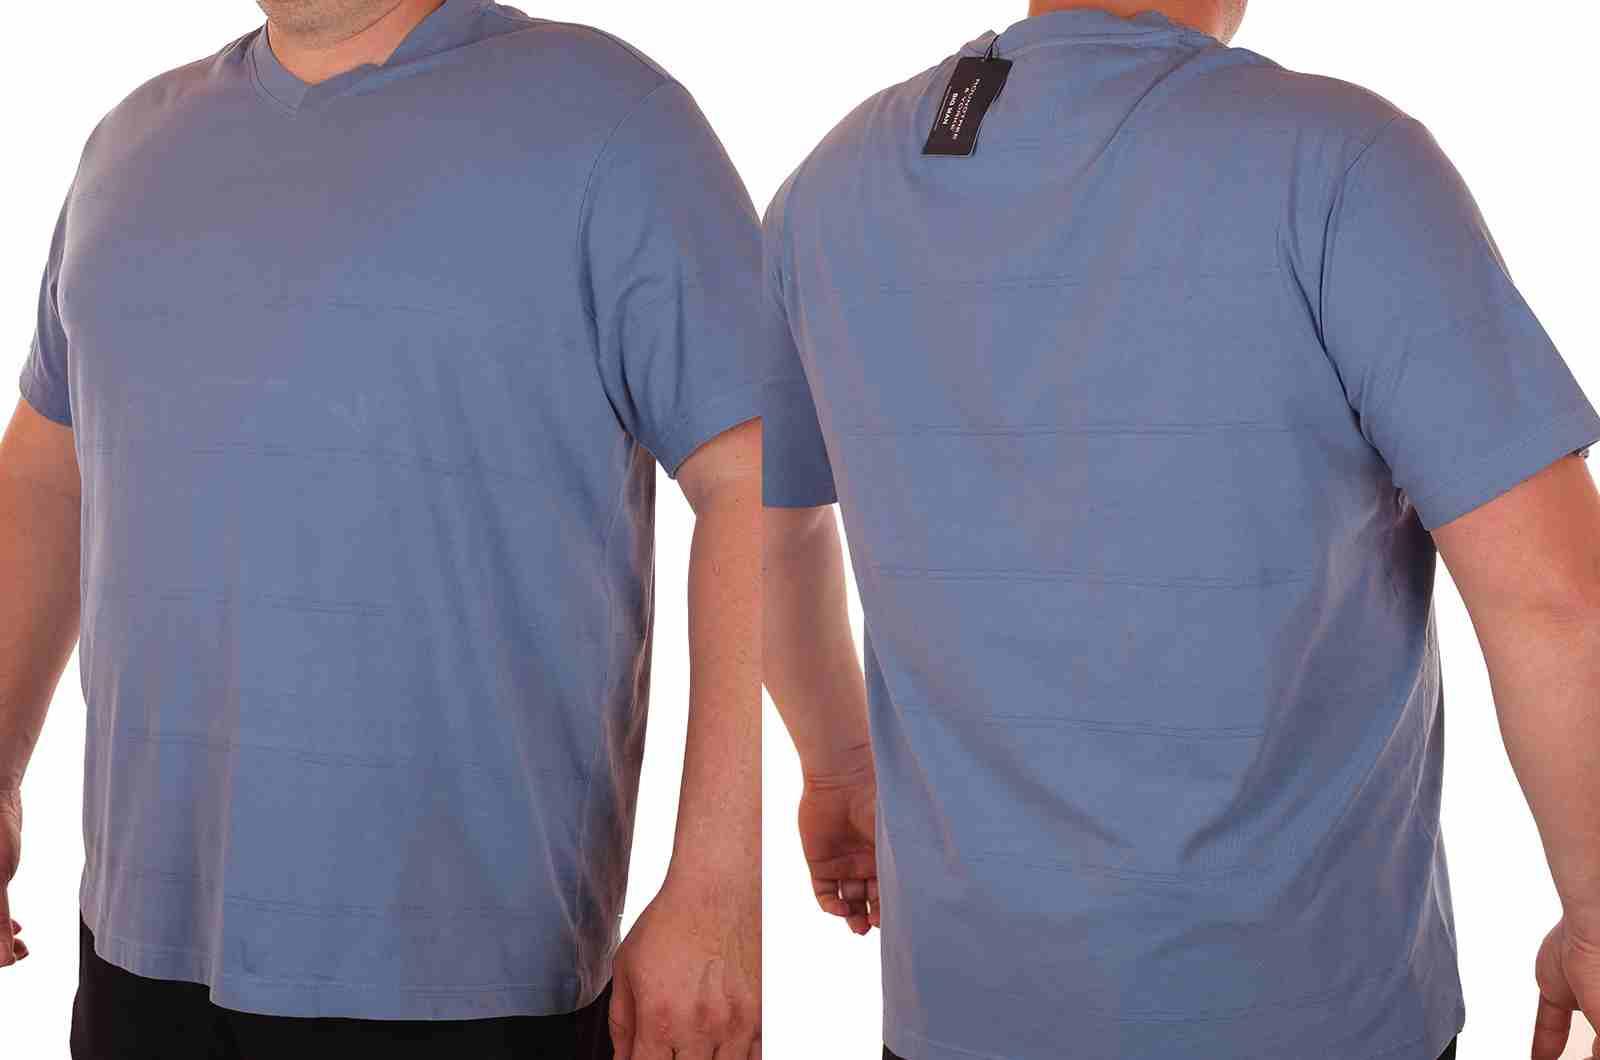 Повседневная футболка больших размеров (батал) от Roundtree & Yorke (США)-двойной ракурс